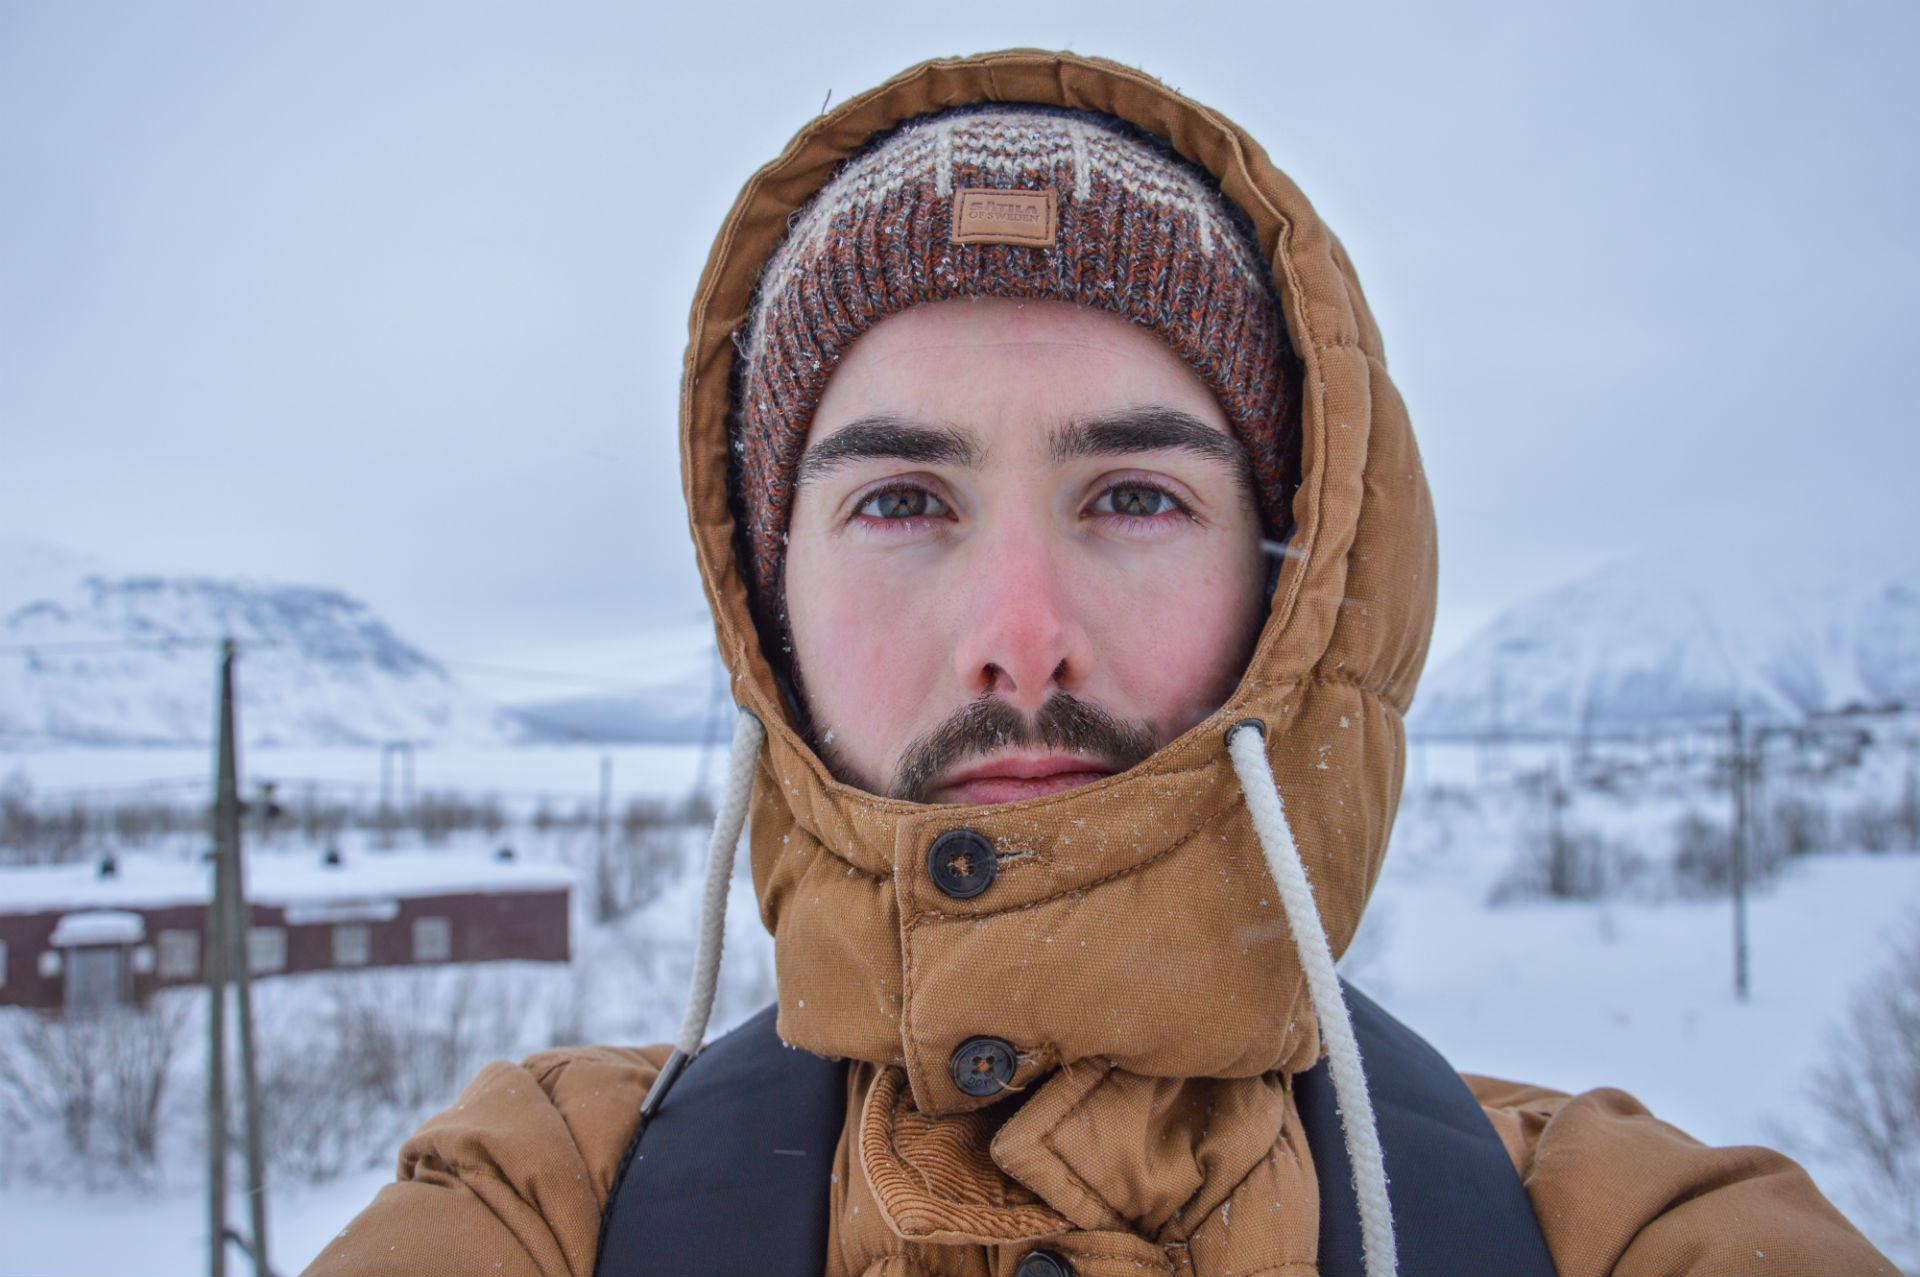 Même si le froid est moins intense que ce à quoi l'on pourrait s'attendre, mieux vaut bien se couvrir.